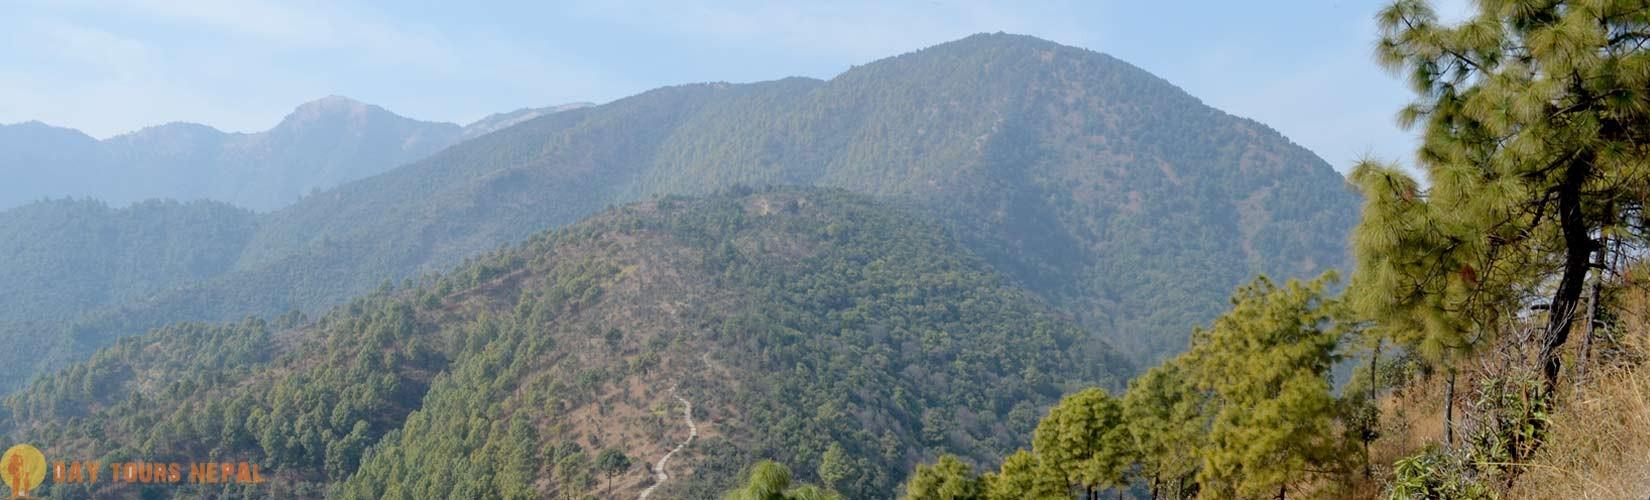 ChampaDevi Hill Hiking Day Tours Nepal